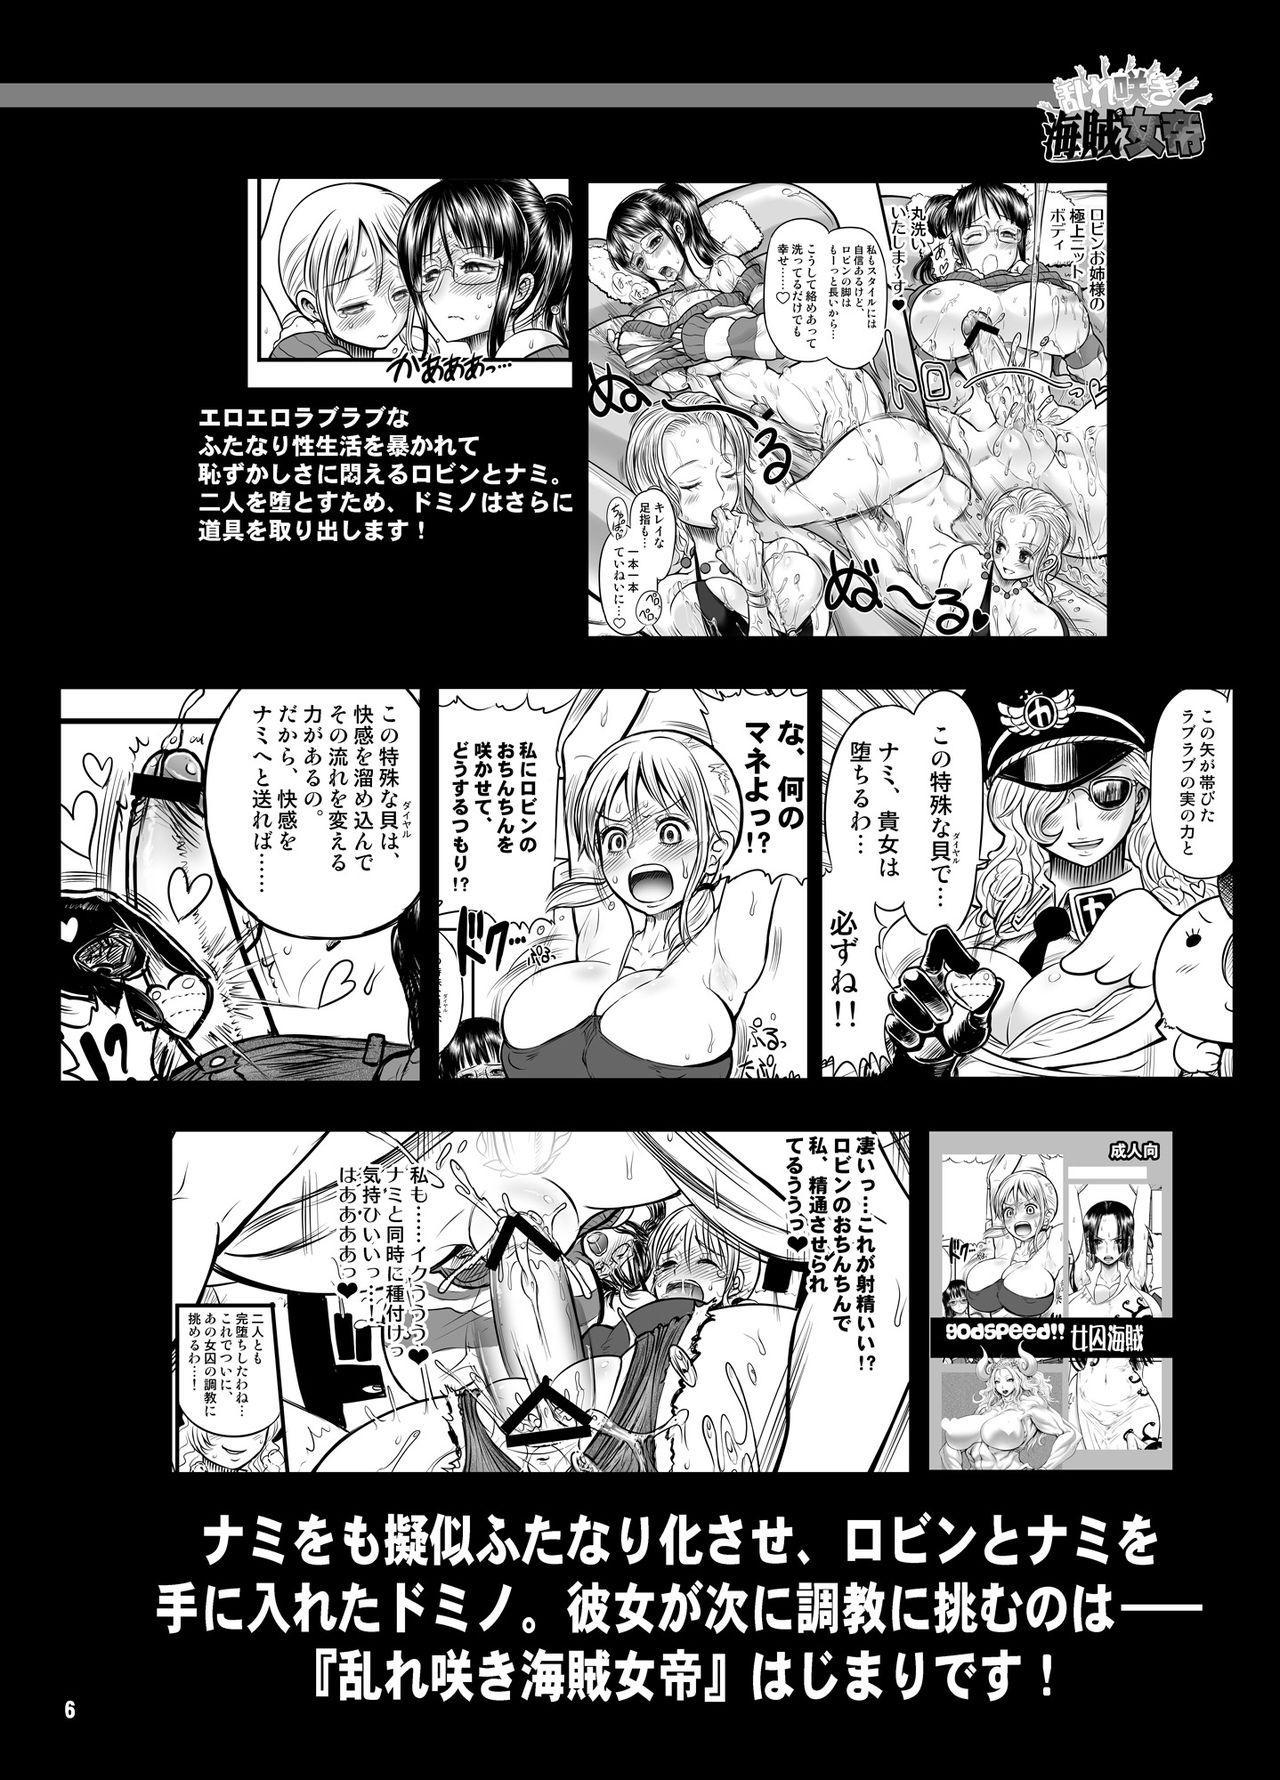 Midarezaki Kaizoku Jotei 5